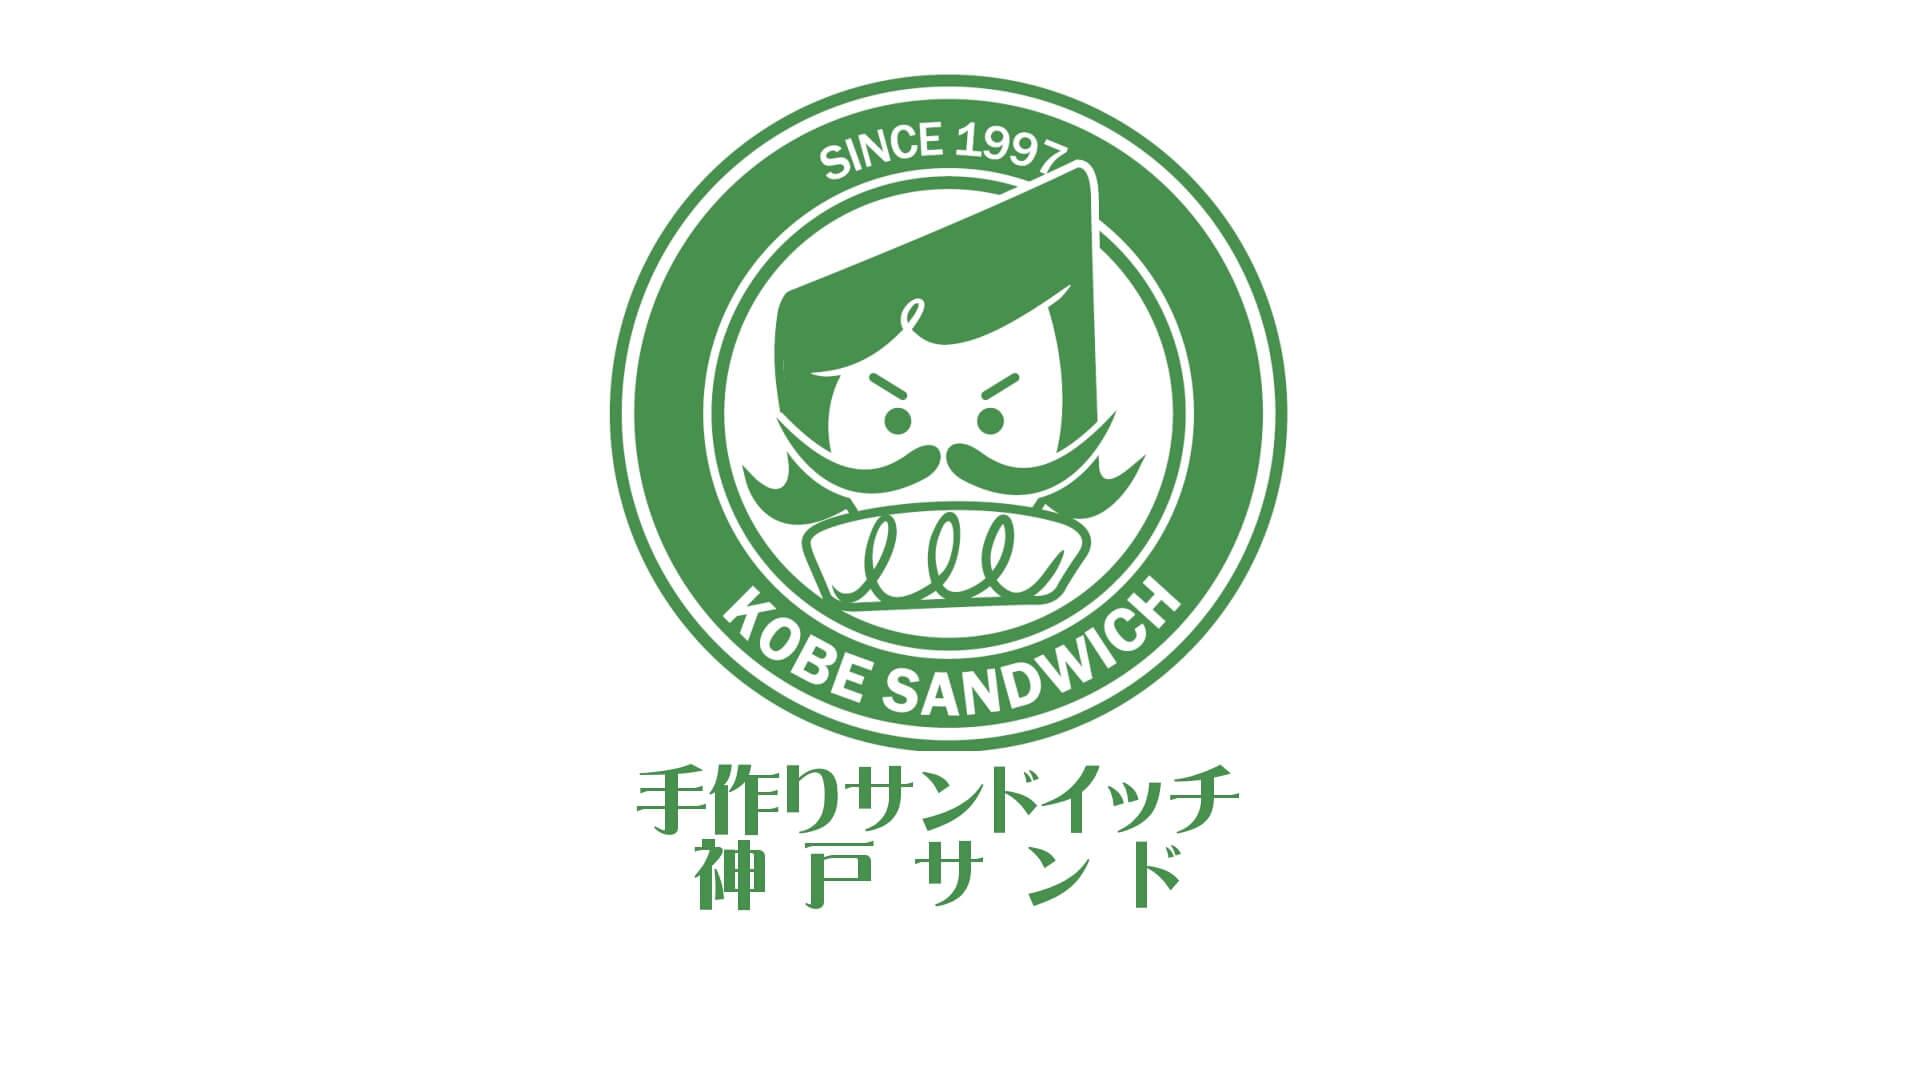 手作りサンドイッチ神戸サンドアイキャッチ